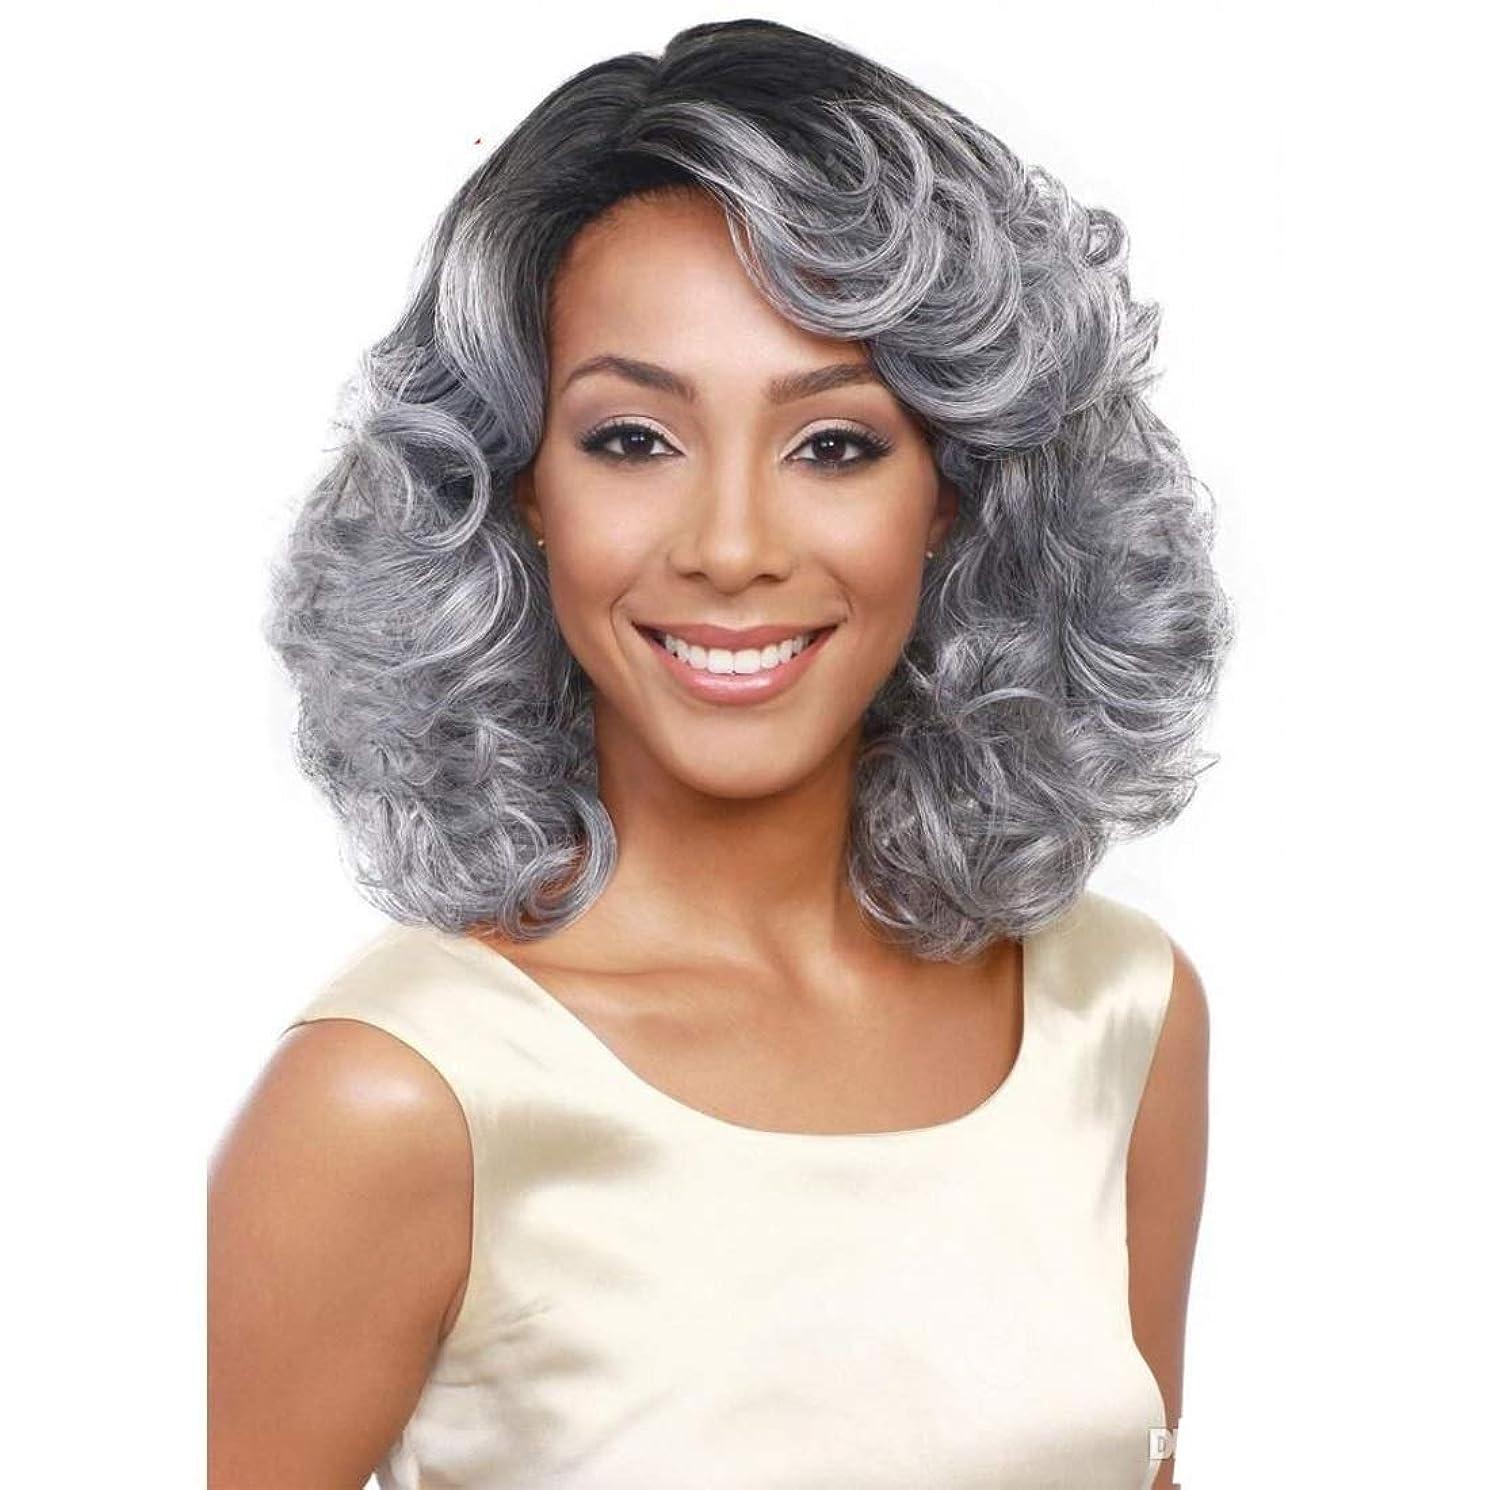 計器式有力者Summerys ソフト&スムーズ女性のためのグレーの短い巻き毛の化学繊維高温ワイヤーをかつら